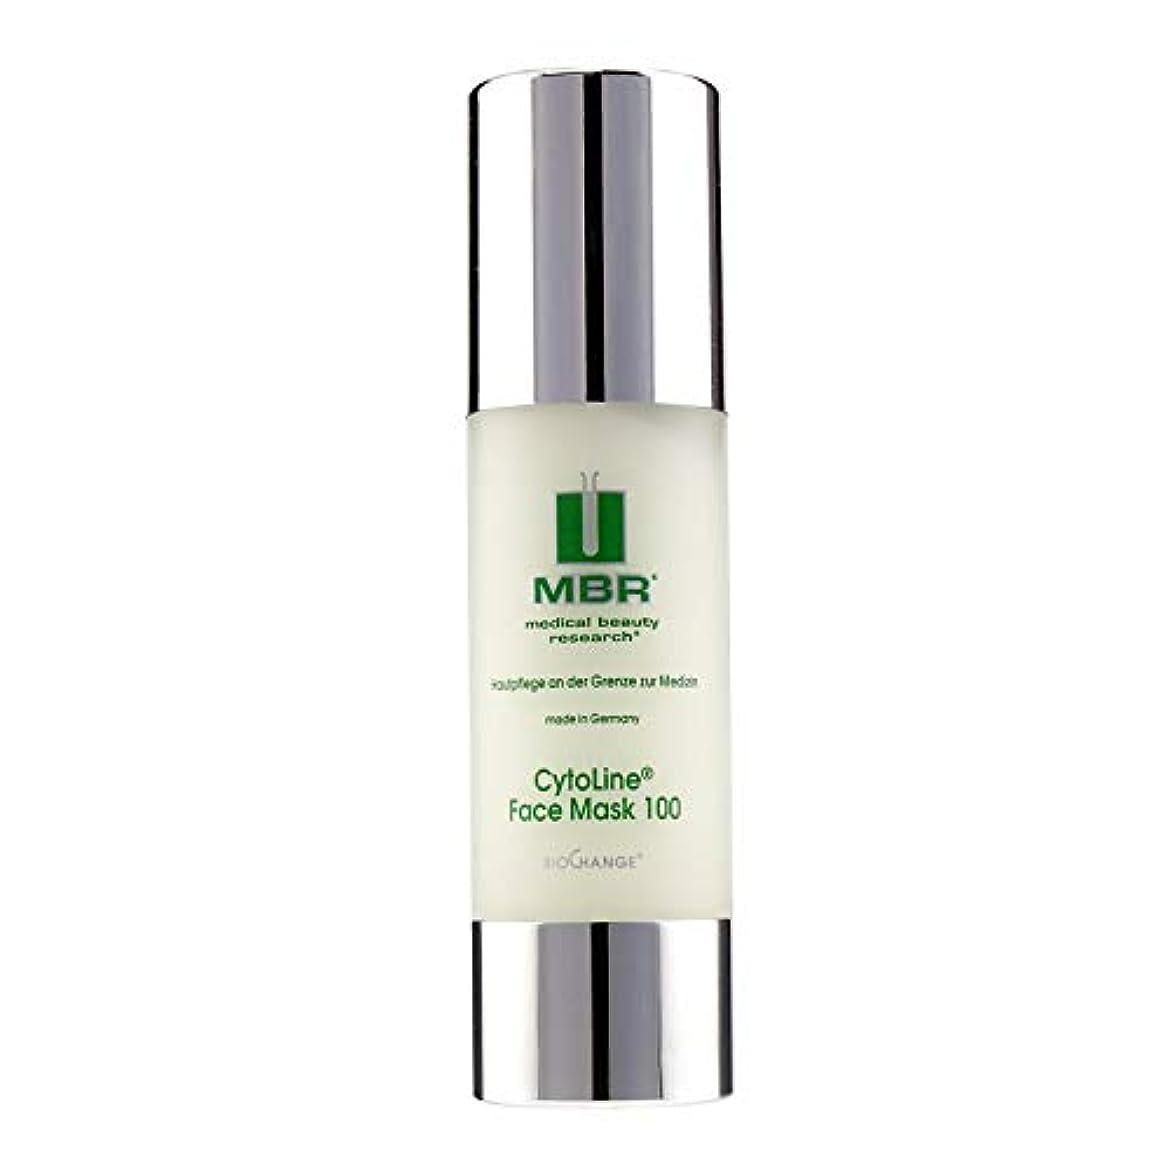 クリームサドル進捗MBR Medical Beauty Research BioChange Cytoline Face Mask 100 50ml/1.7oz並行輸入品